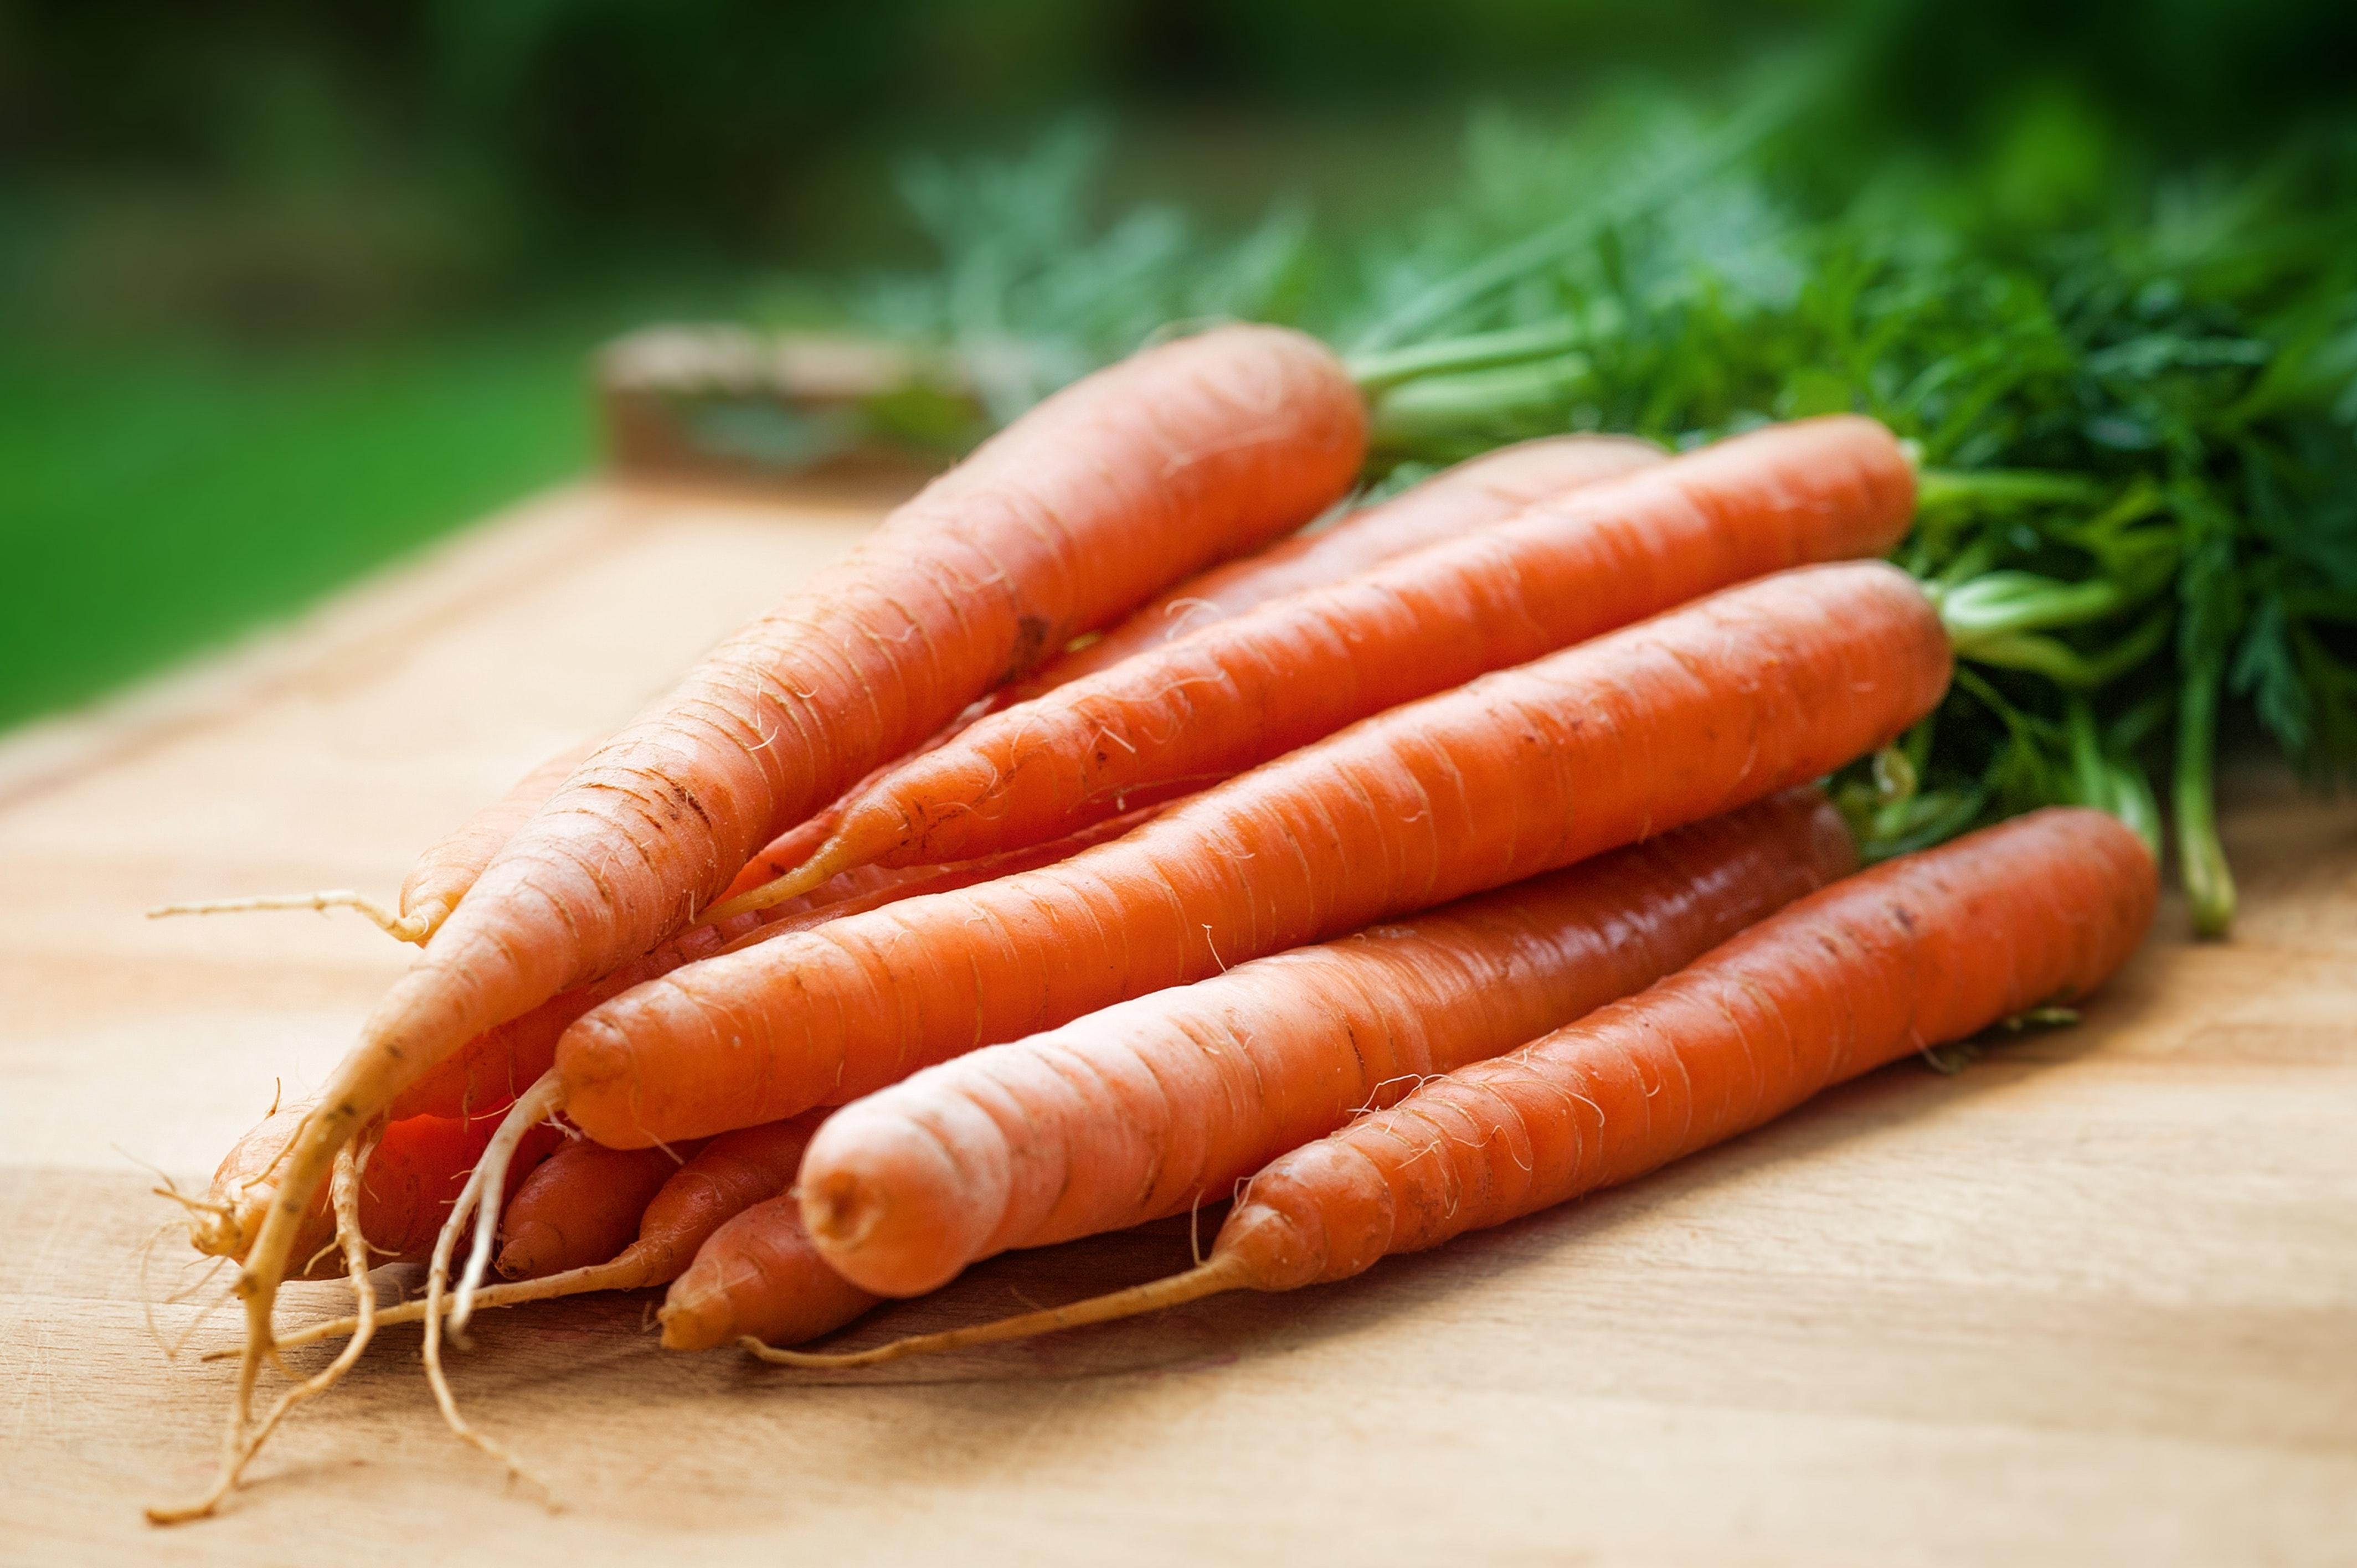 【番茄好處】秋季皮膚保養攻略 一文了解改善皮膚食材推介